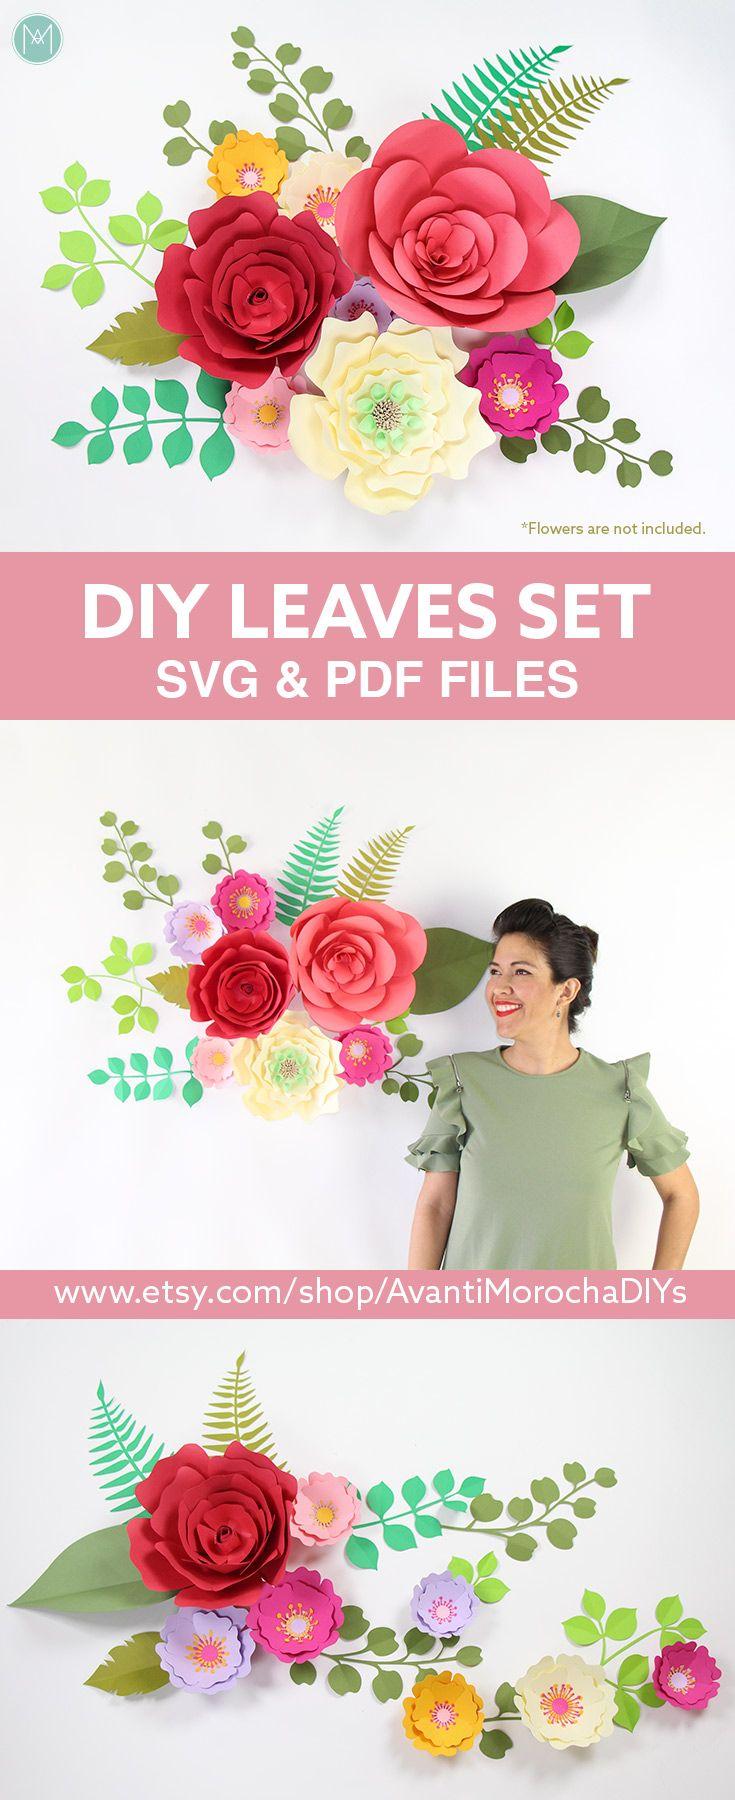 DIY Giant Paper Flowers - Leaves set | SVG and PDF files. Set de hojas de flores gigantes.